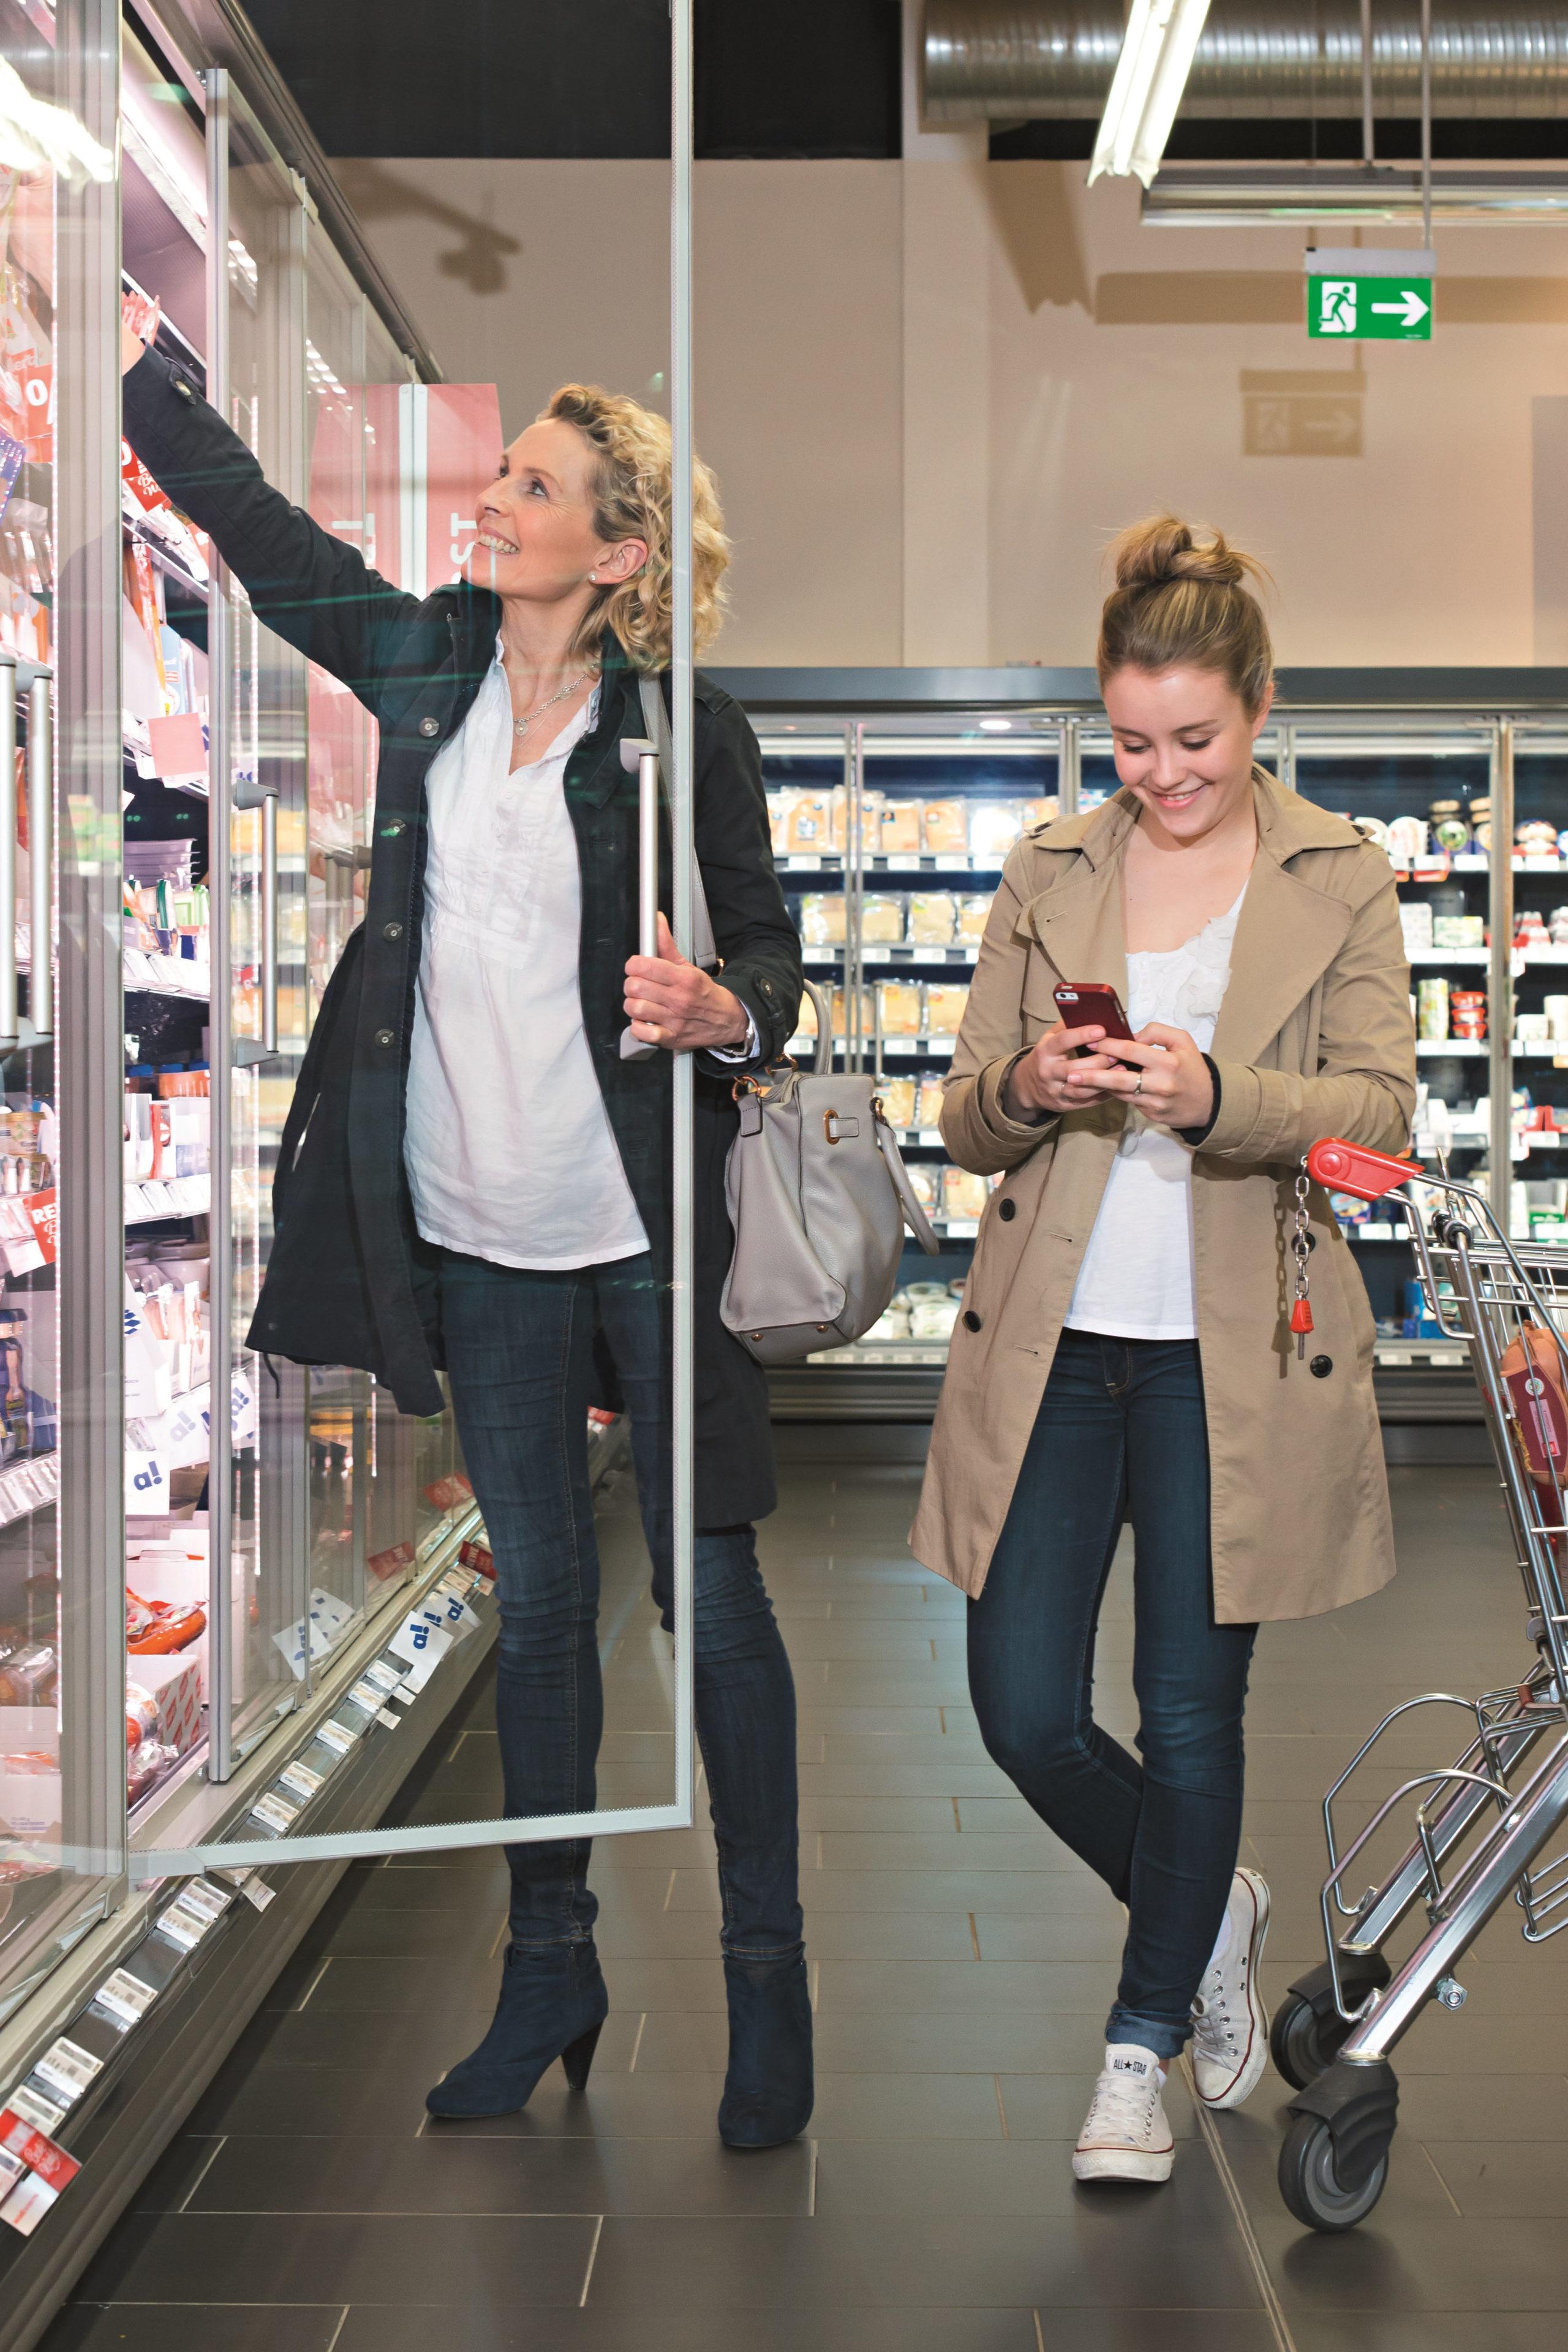 Augen auf beim Einkauf: Das regelmäßige Erfassen aller Ausgaben hilft, sich einen zusätzlichen finanziellen Spielraum zu verschaffen - Einnahmen und Ausgaben kontrollieren